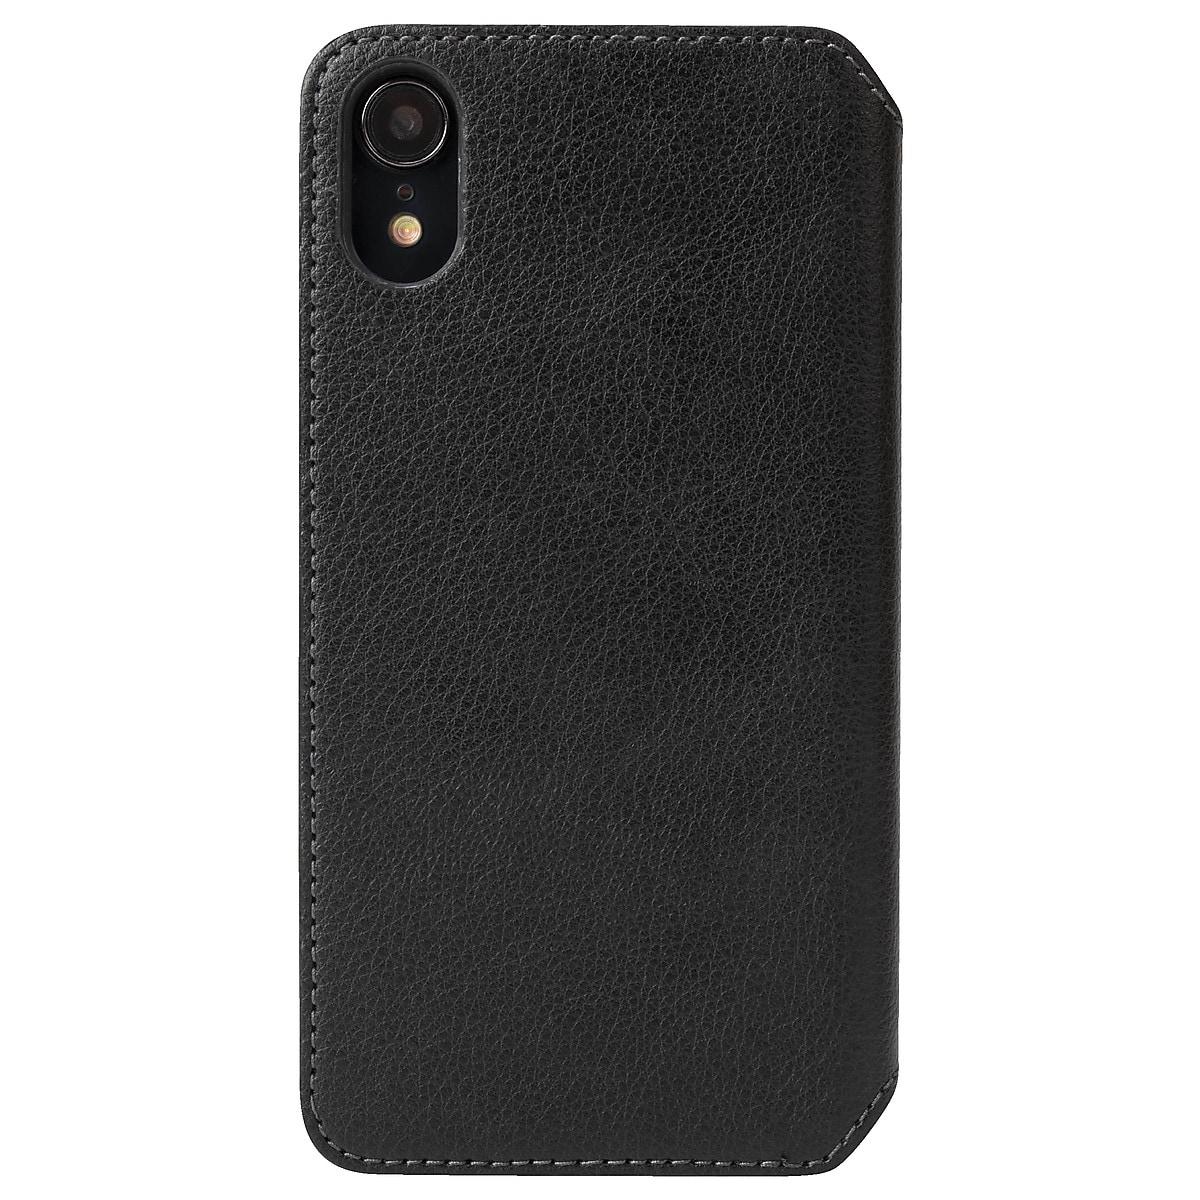 Taschenportemonnaie für iPhone XR, Krusell Pixbo SlimWallet